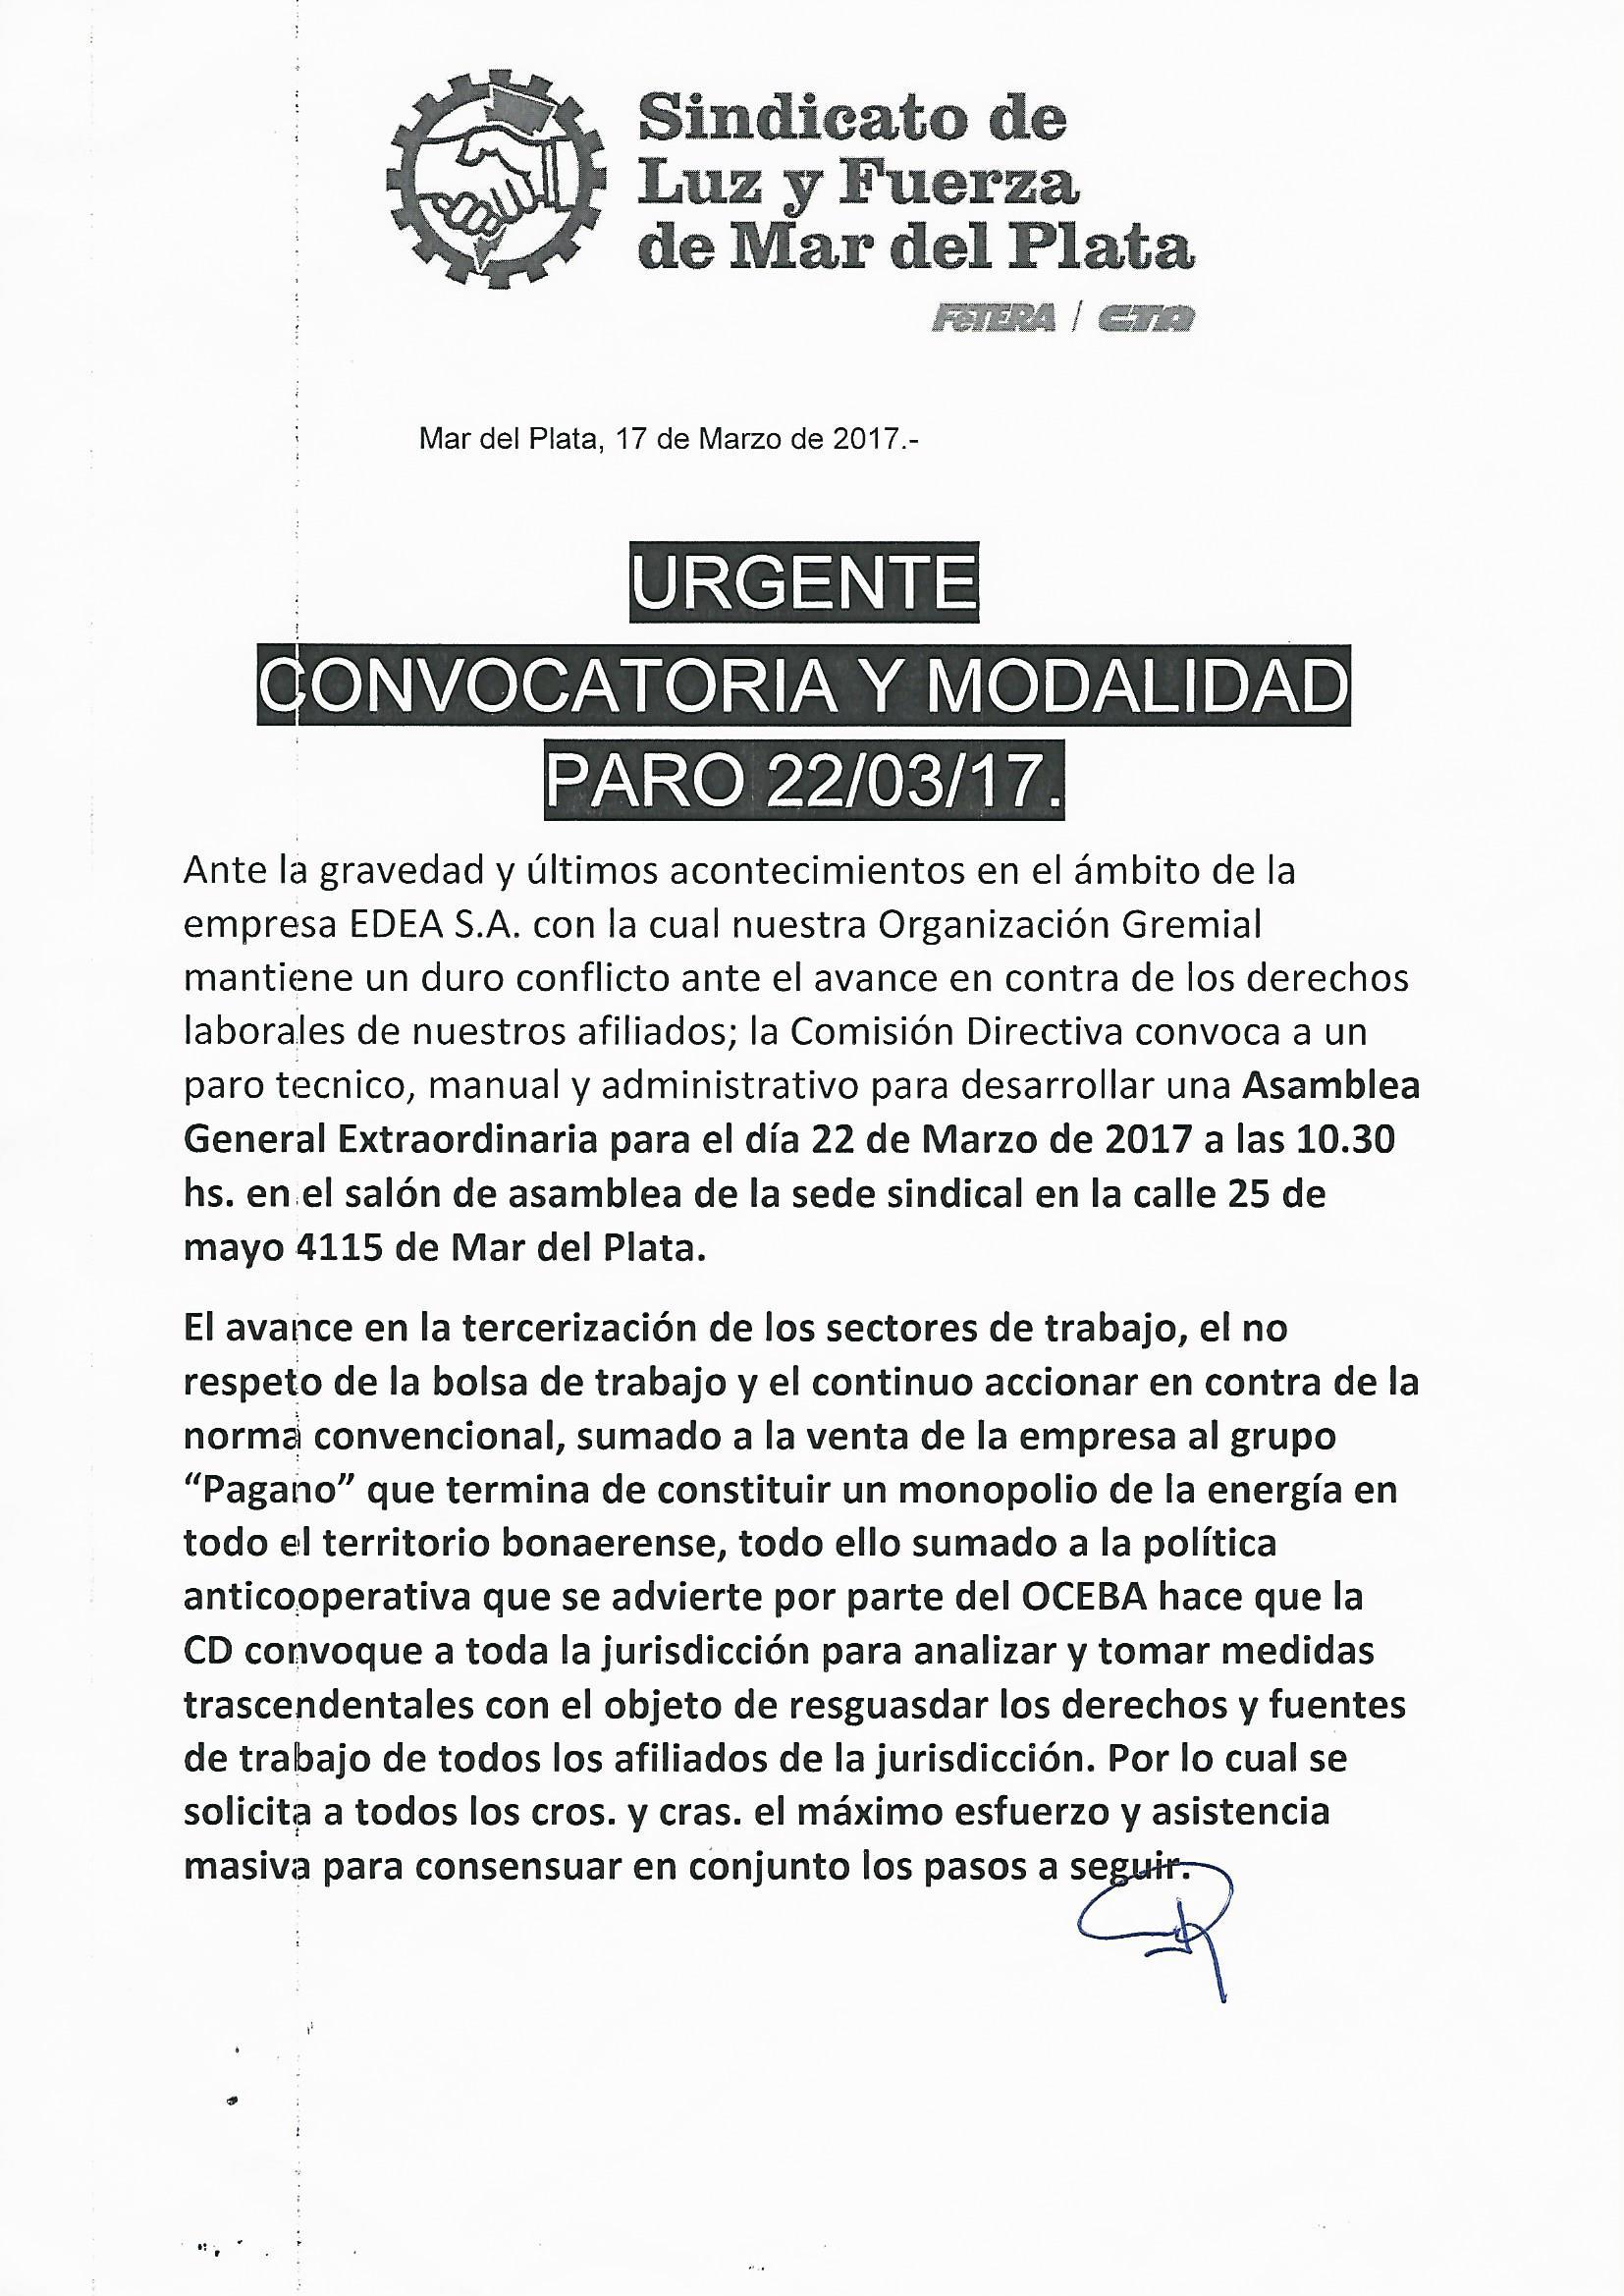 CONVOCATORIA Y MODALIDAD PARO 22-3-17